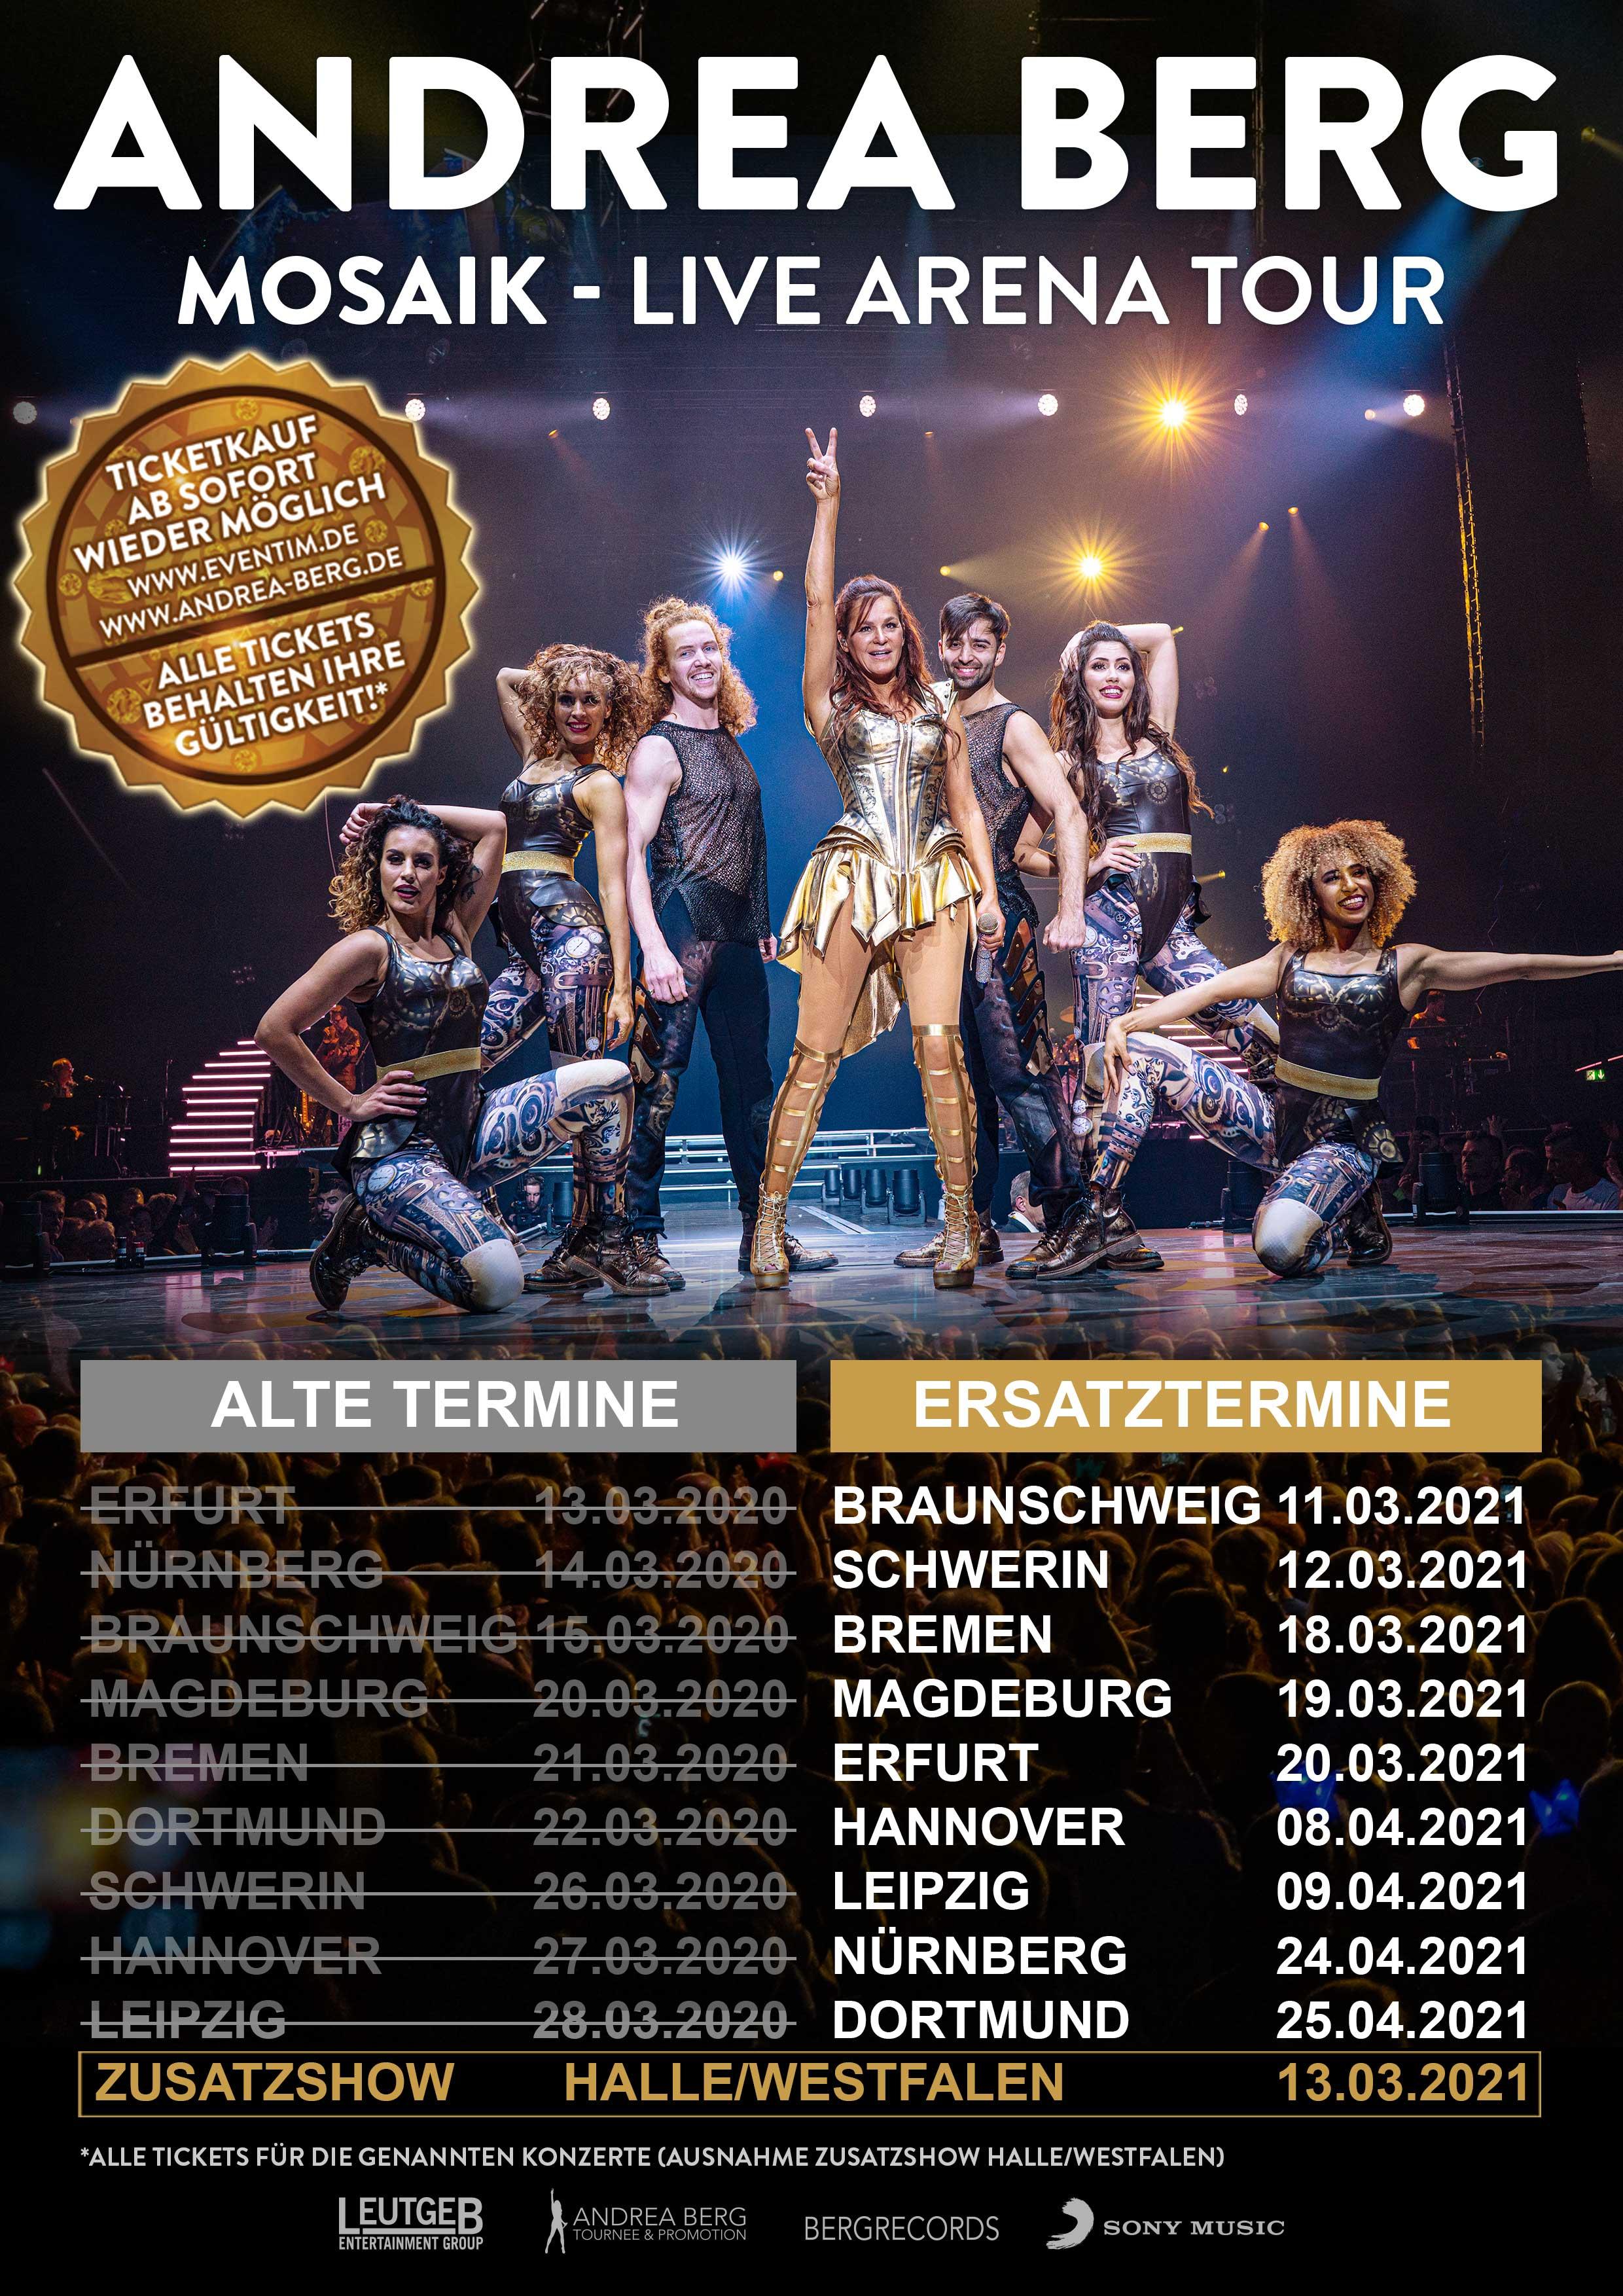 Andrea Berg MOSAIK-Live Arena Tour: Ersatztermine und Zusatzshow stehen fest